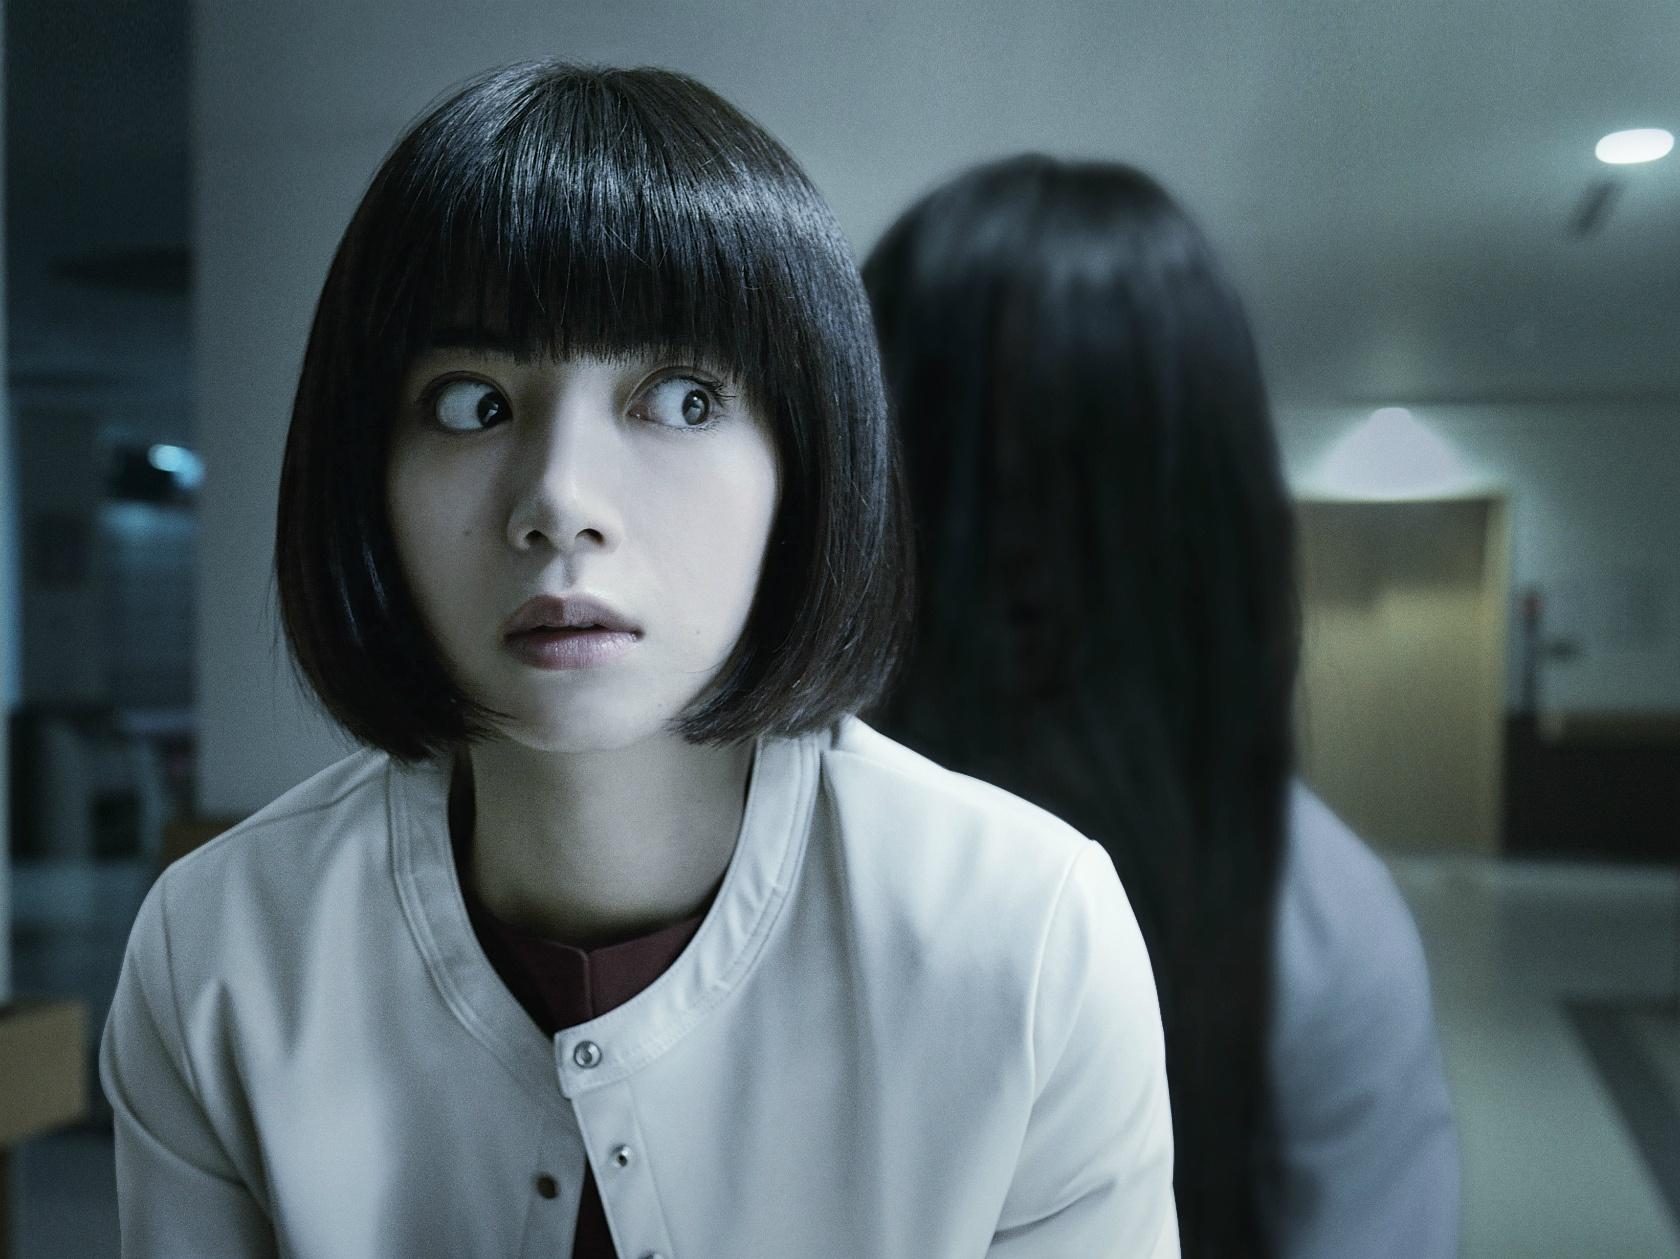 主人公・茉優を演じる池田エライザは病院で心理カウンセラーとして働いている